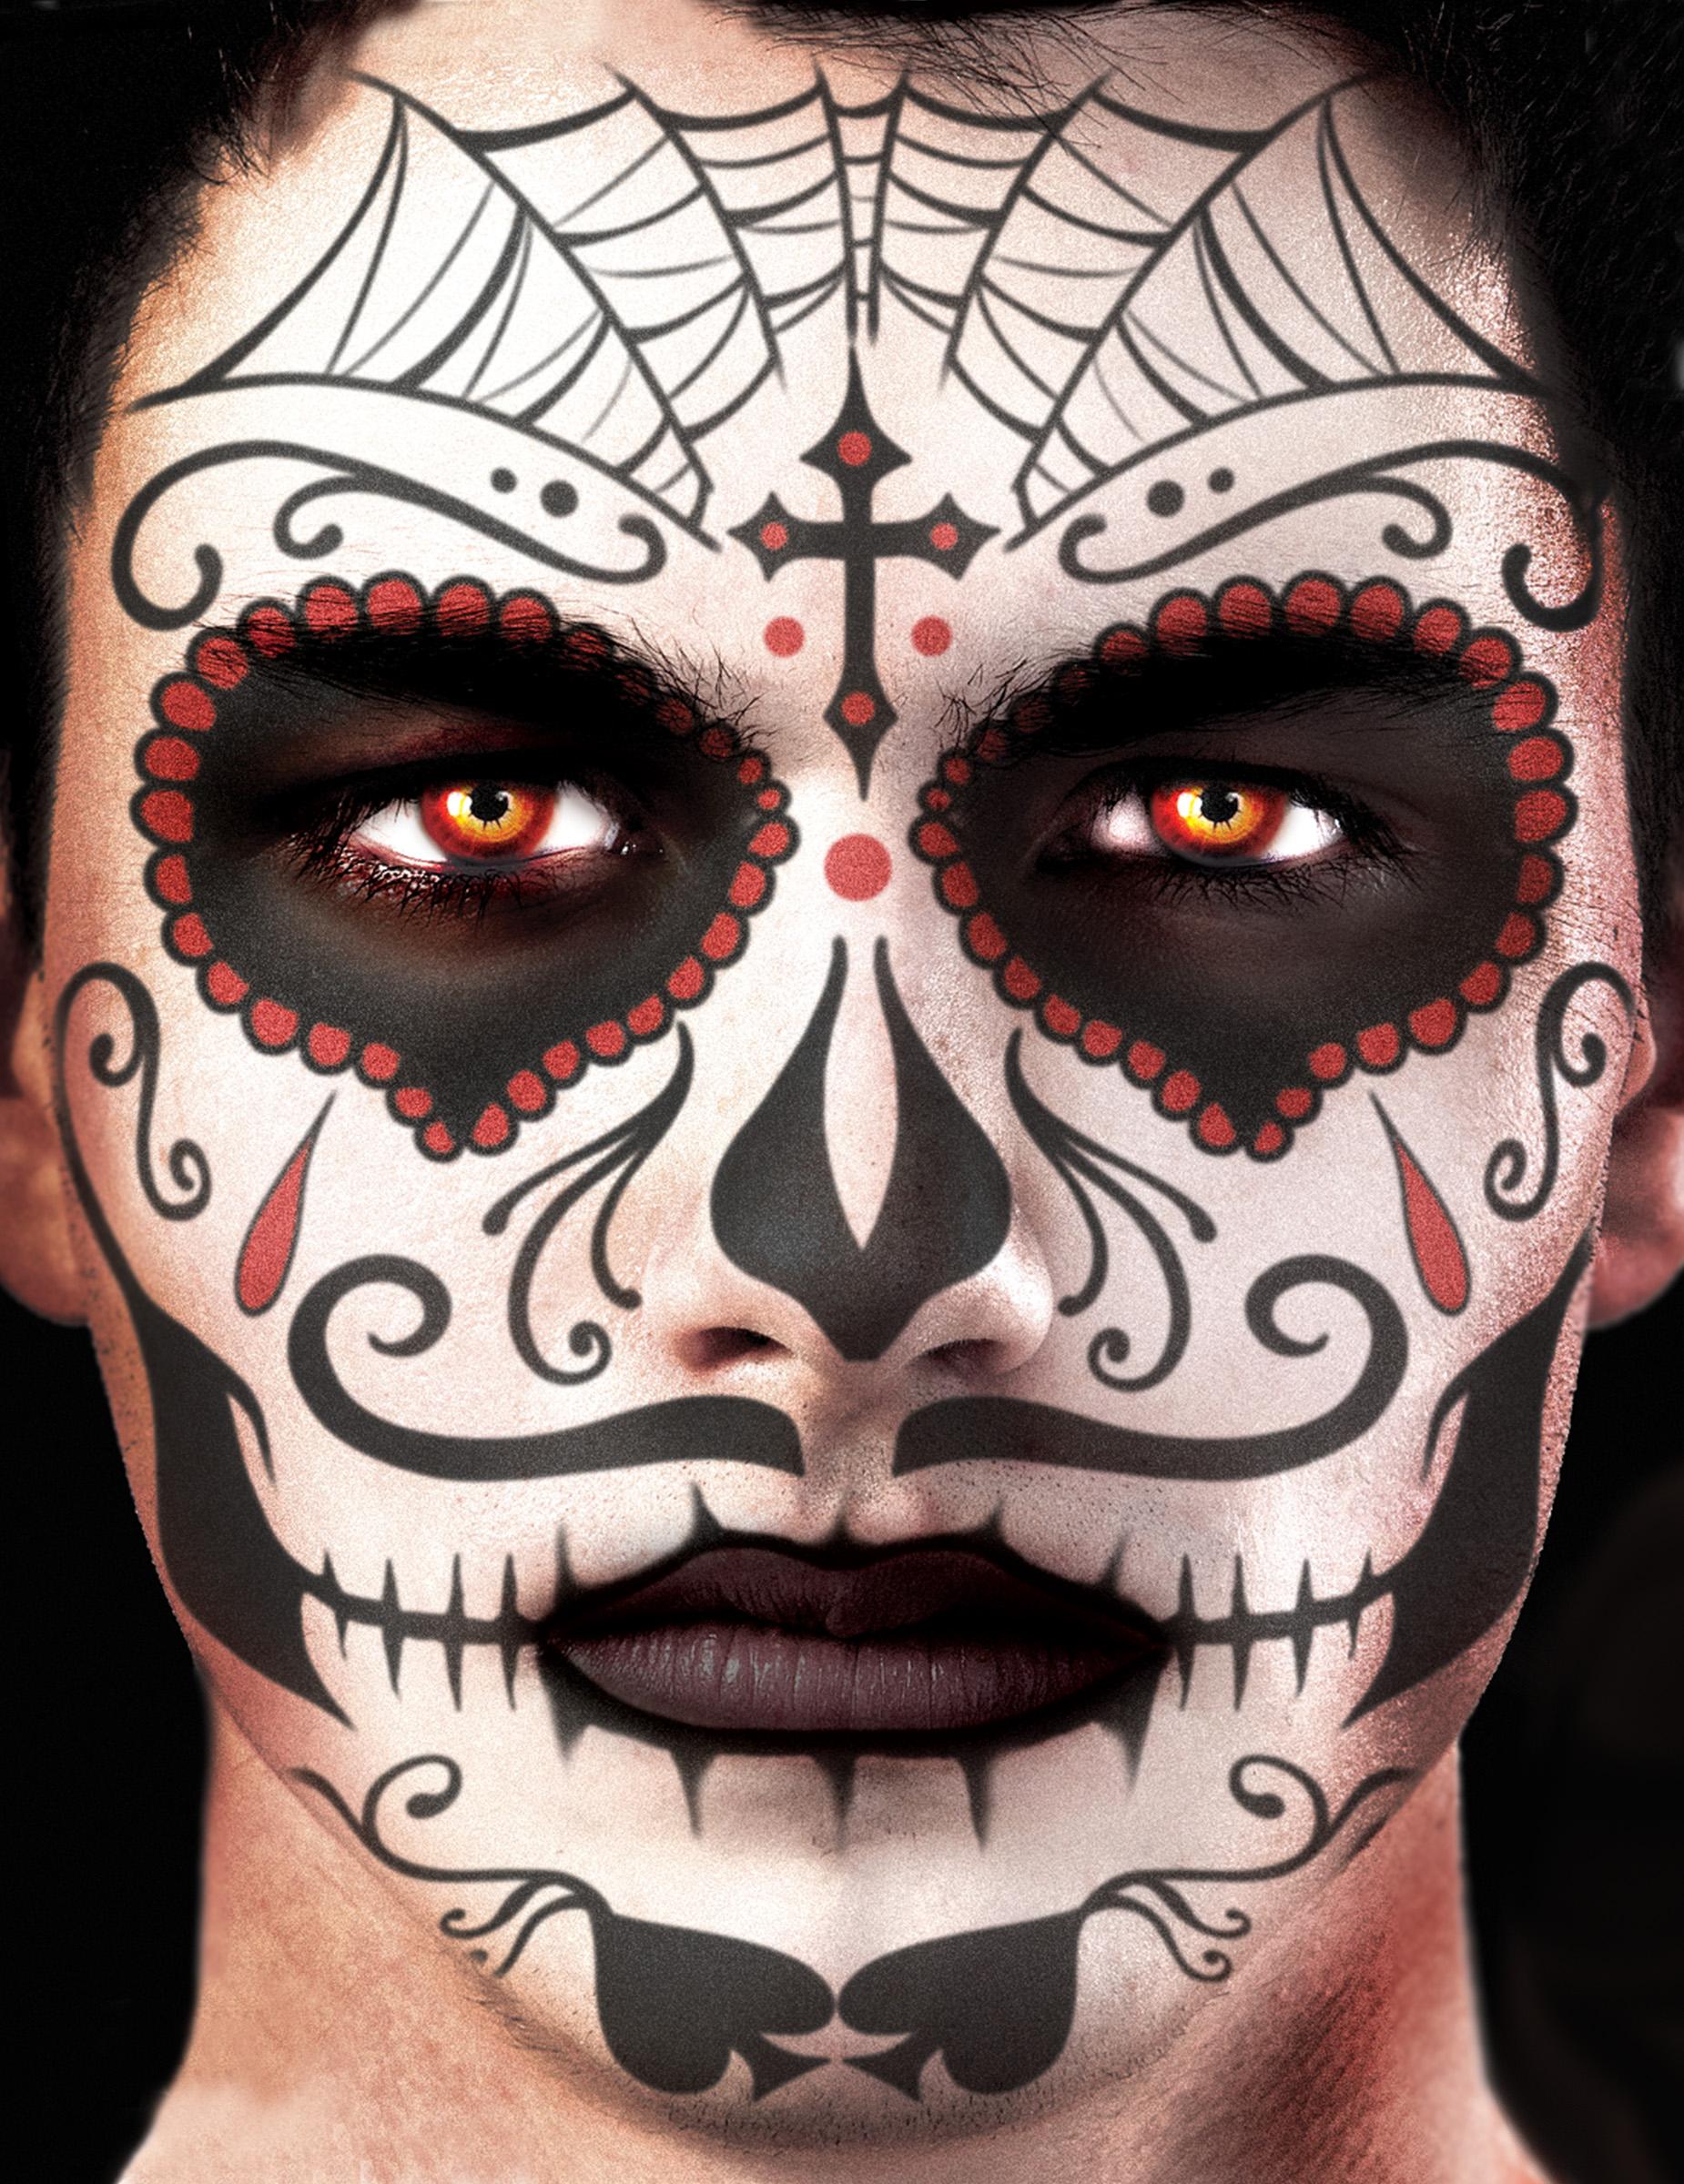 Tatuaje Temporal Para La Cara Día De Los Muertos Adulto Maquillaje